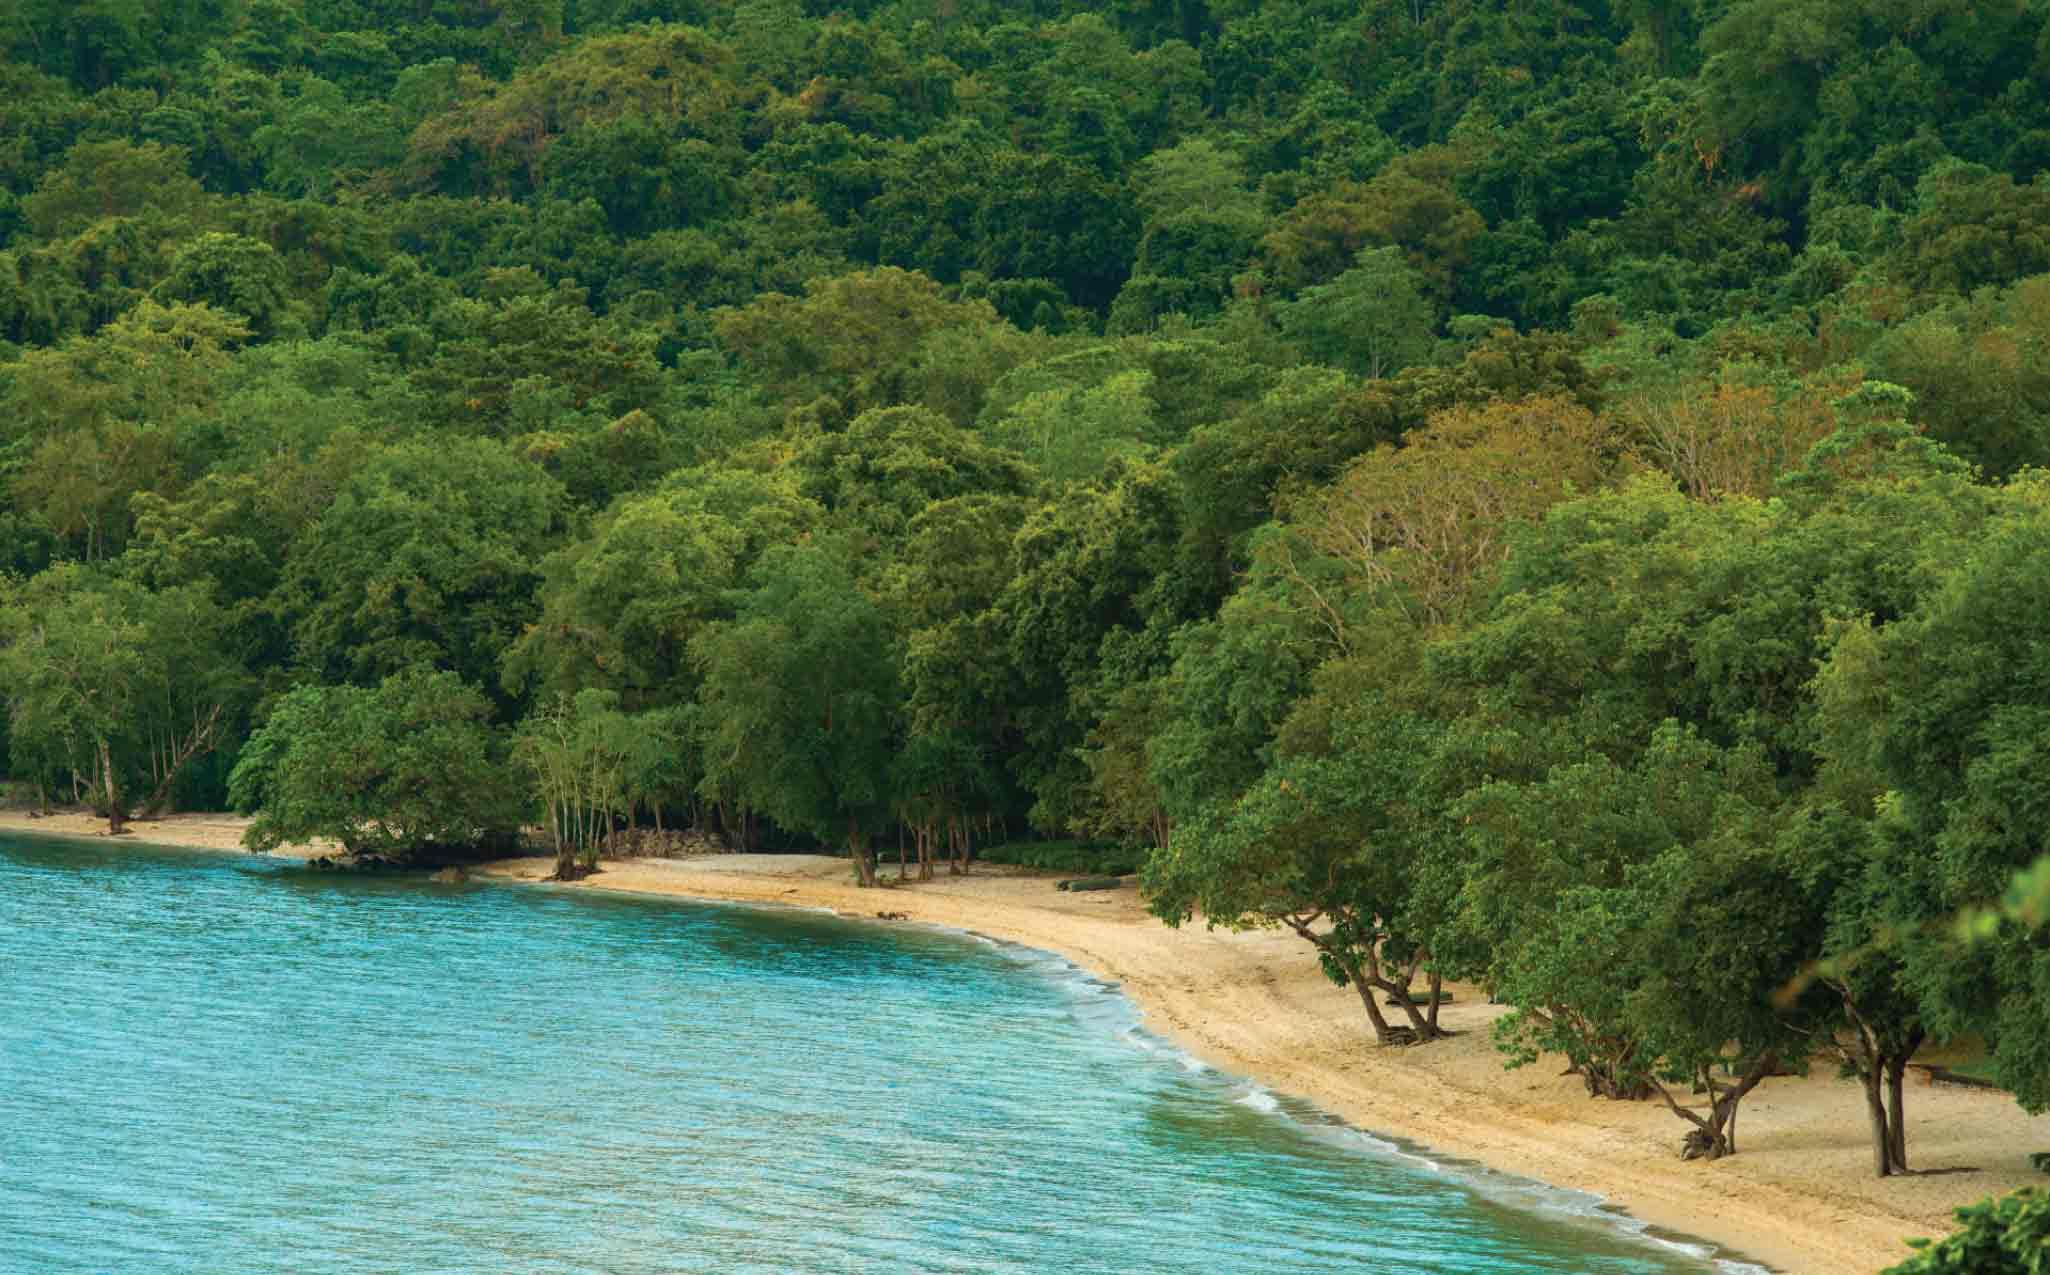 Moyo Island Amanwana